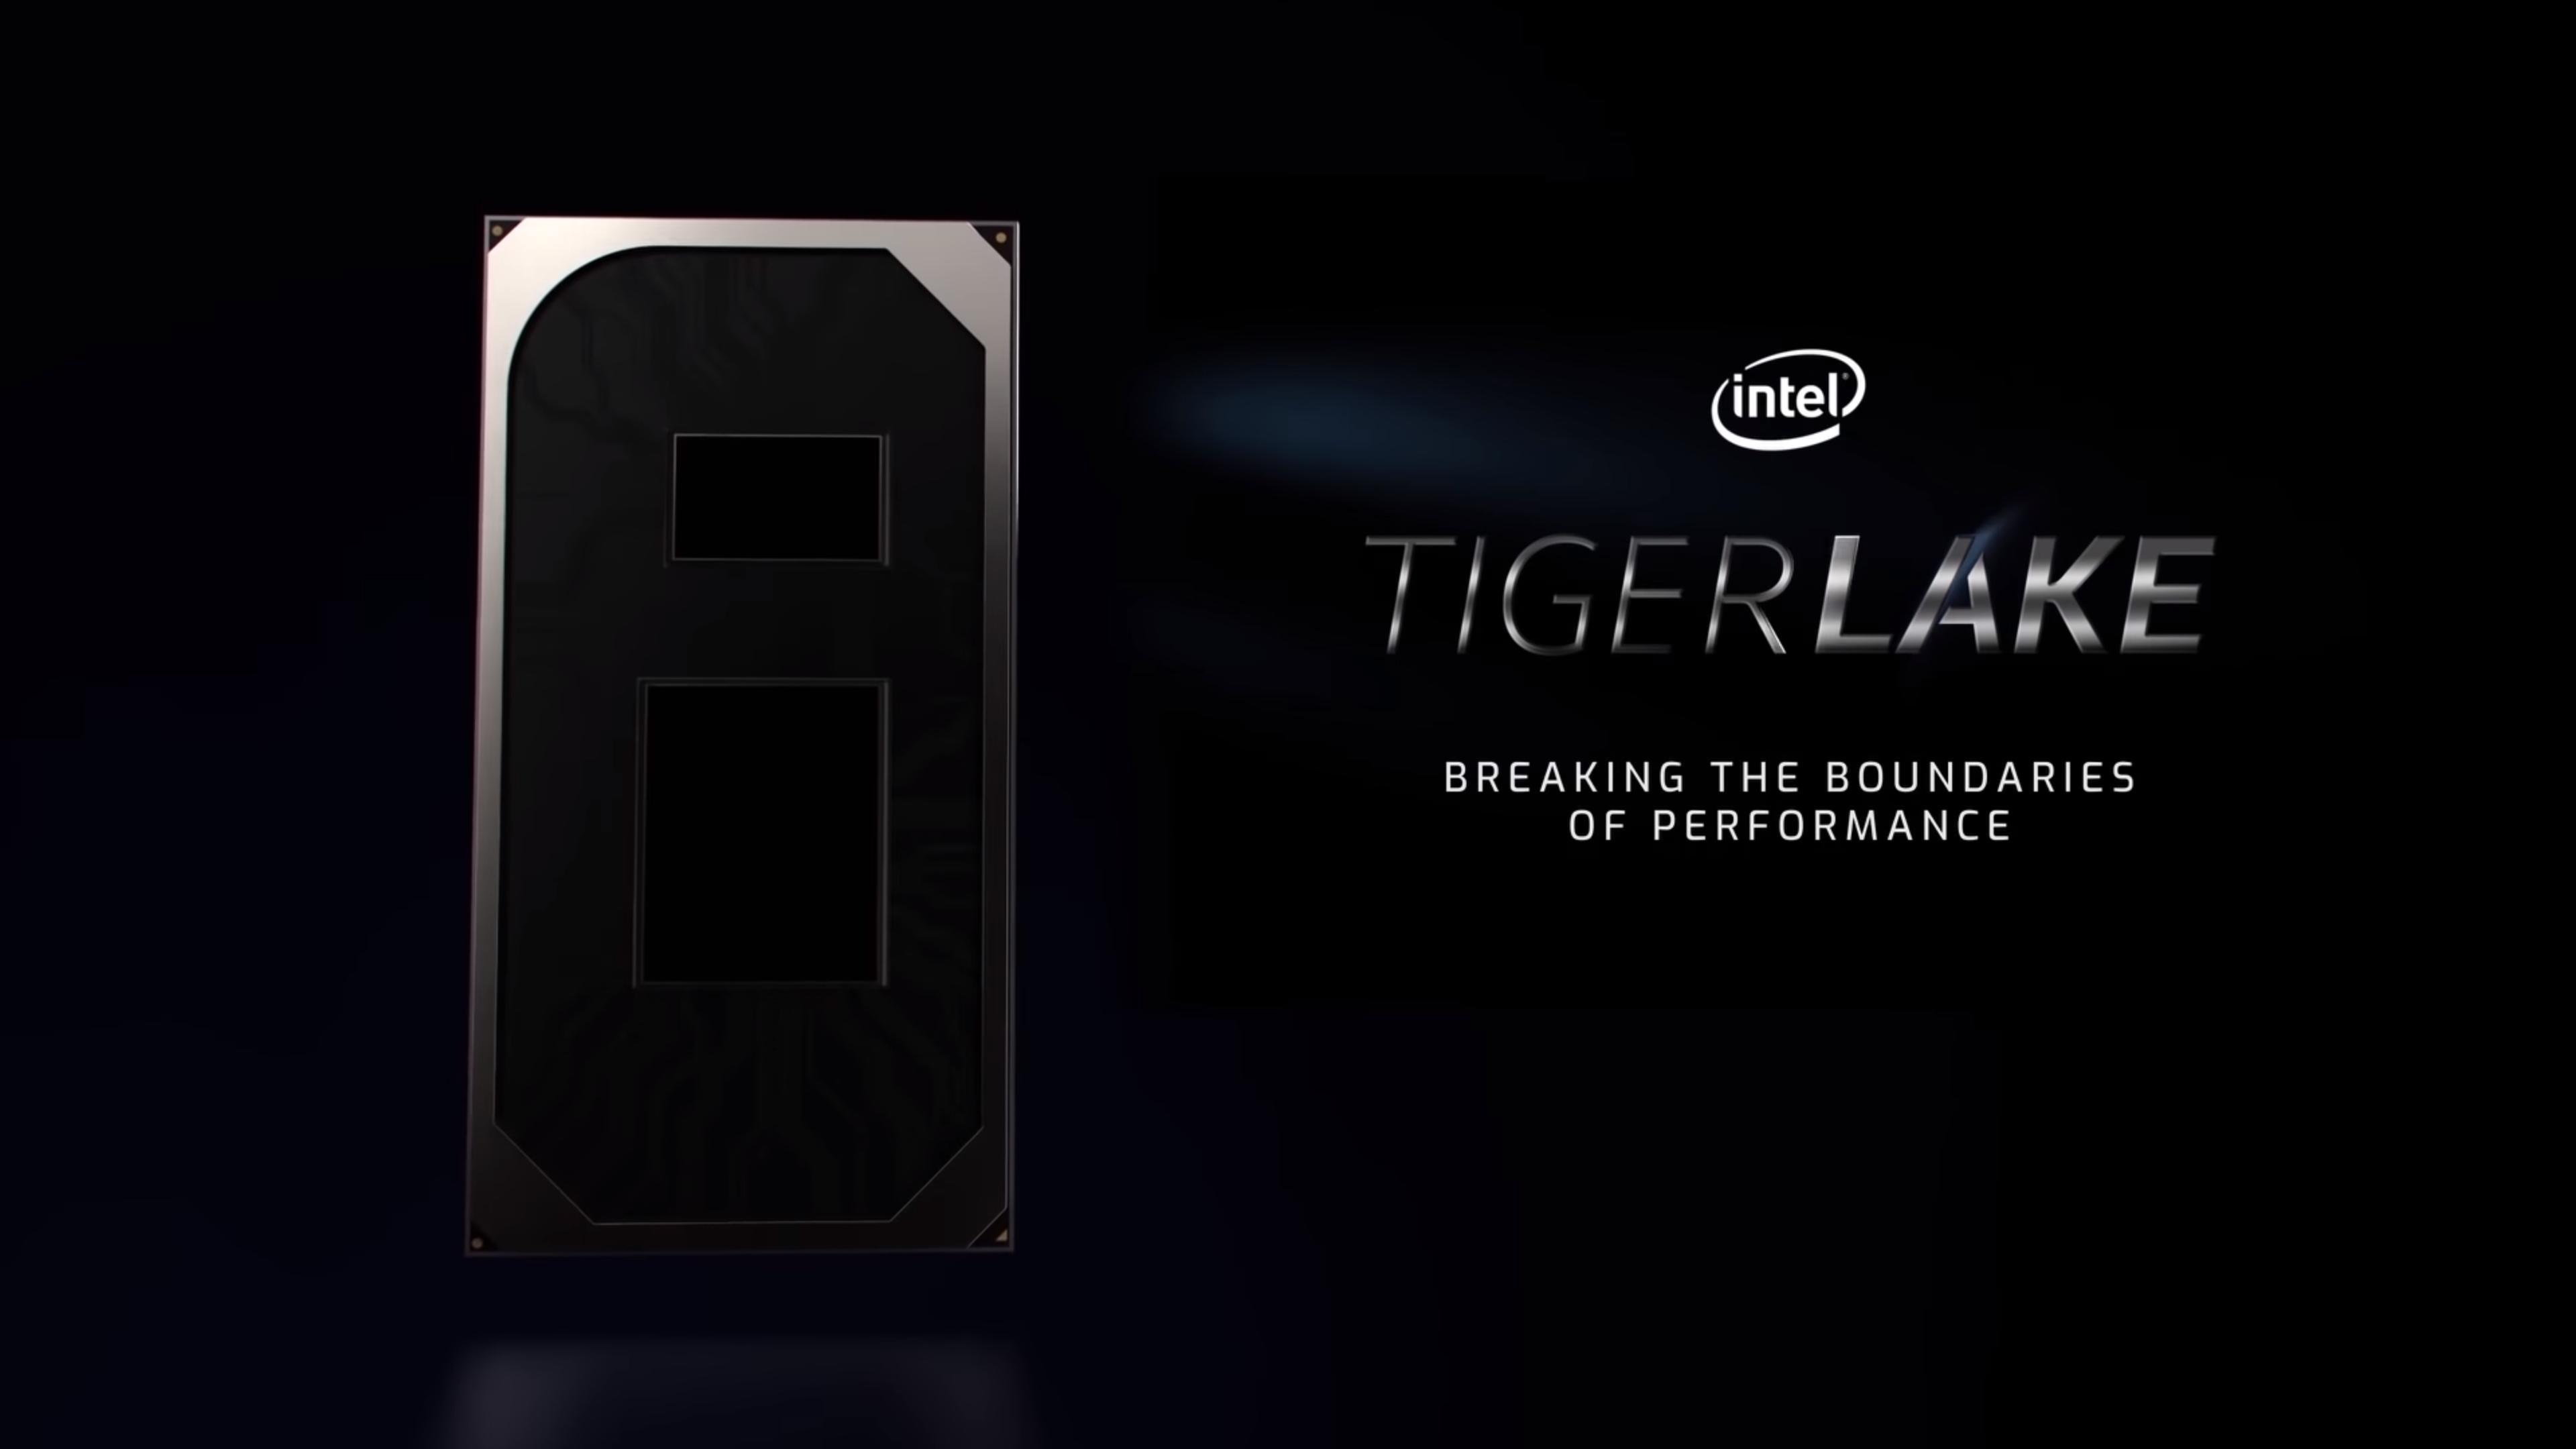 Intel ra mắt bộ vi xử lý thế hệ thứ 11, mang tốc độ 5.0 GHz đến với nhiều dòng laptop siêu mỏng nhẹ - Ảnh 1.